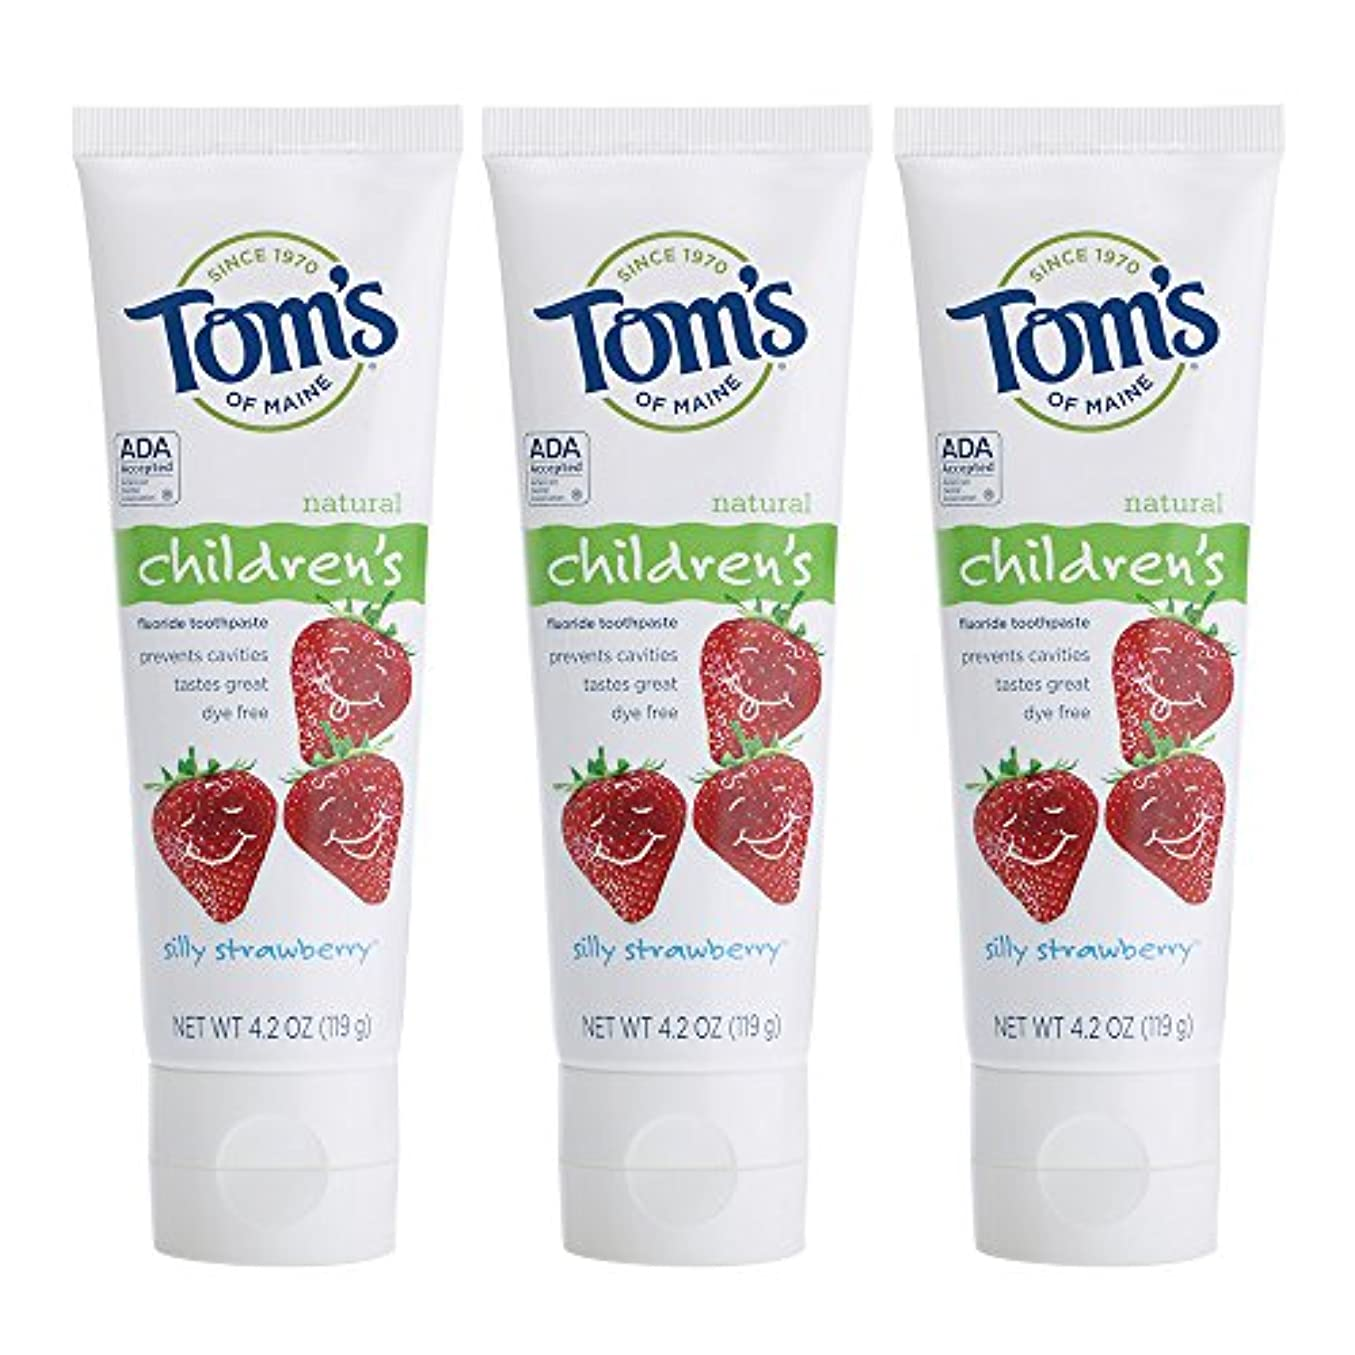 佐賀溶接瞑想的Tom's of Maine, Natural Children's Fluoride Toothpaste, Silly Strawberry, 4.2 oz (119 g)